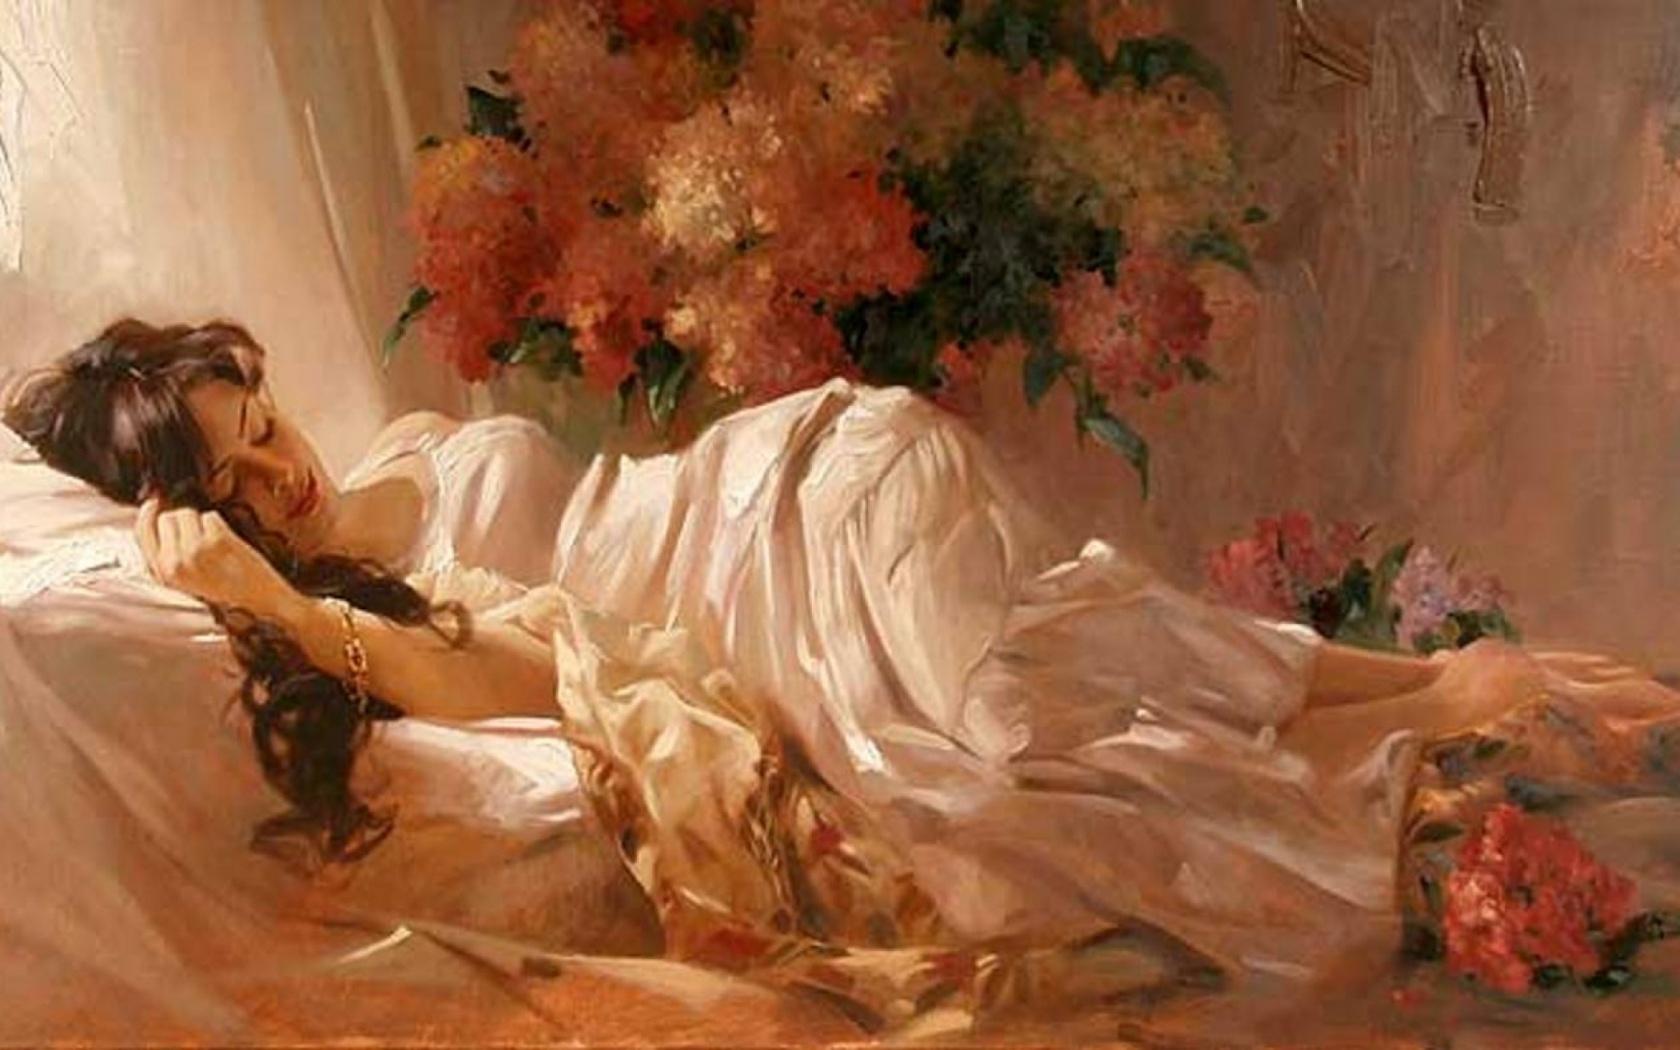 ws_Woman_Bed_Sleeping_Flowers_1680x1050.jpg